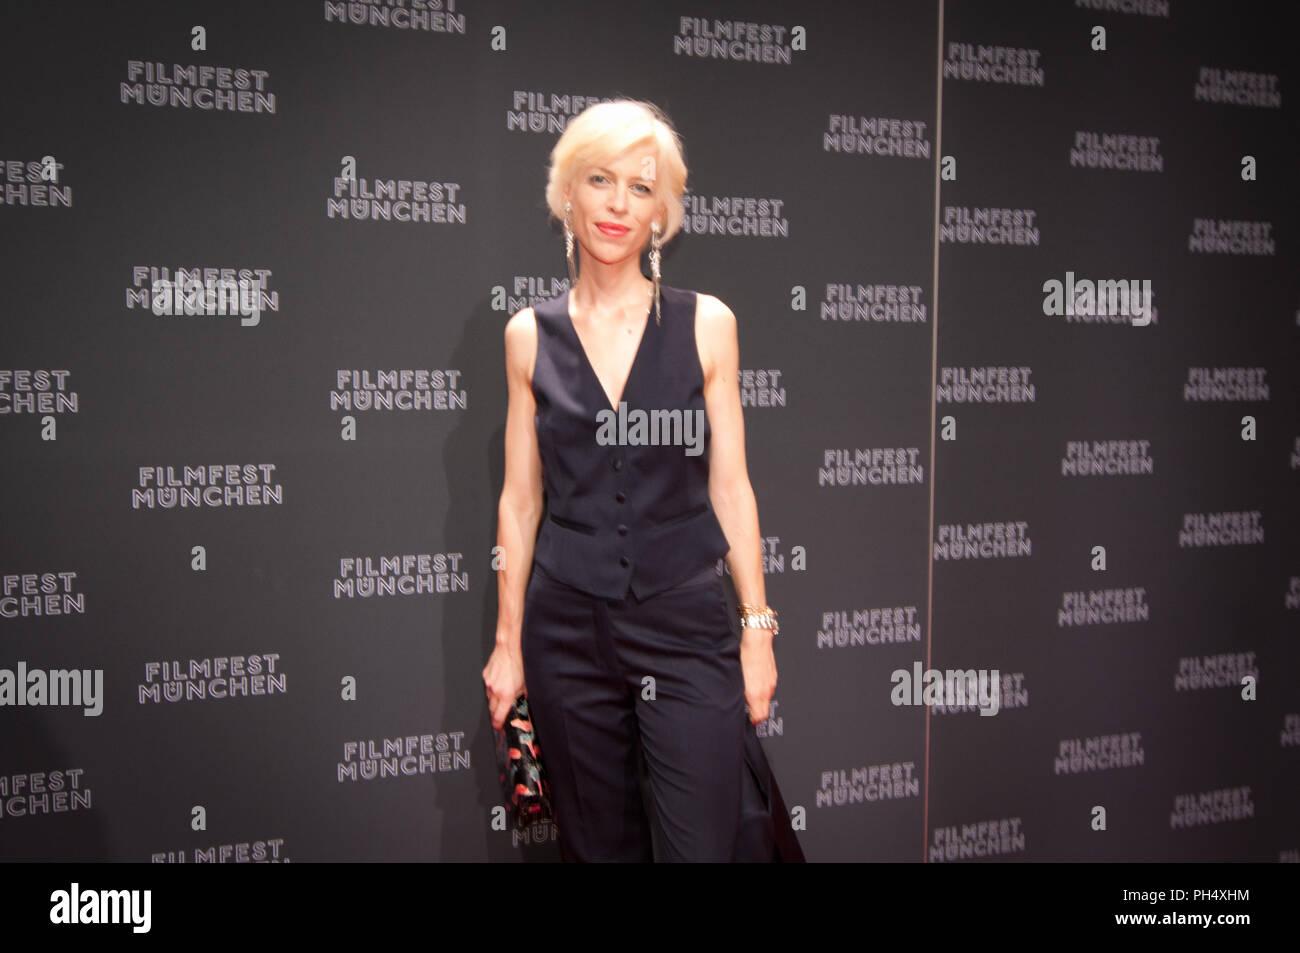 katja Eichener seen at Filmfest München 2012 - Stock Image